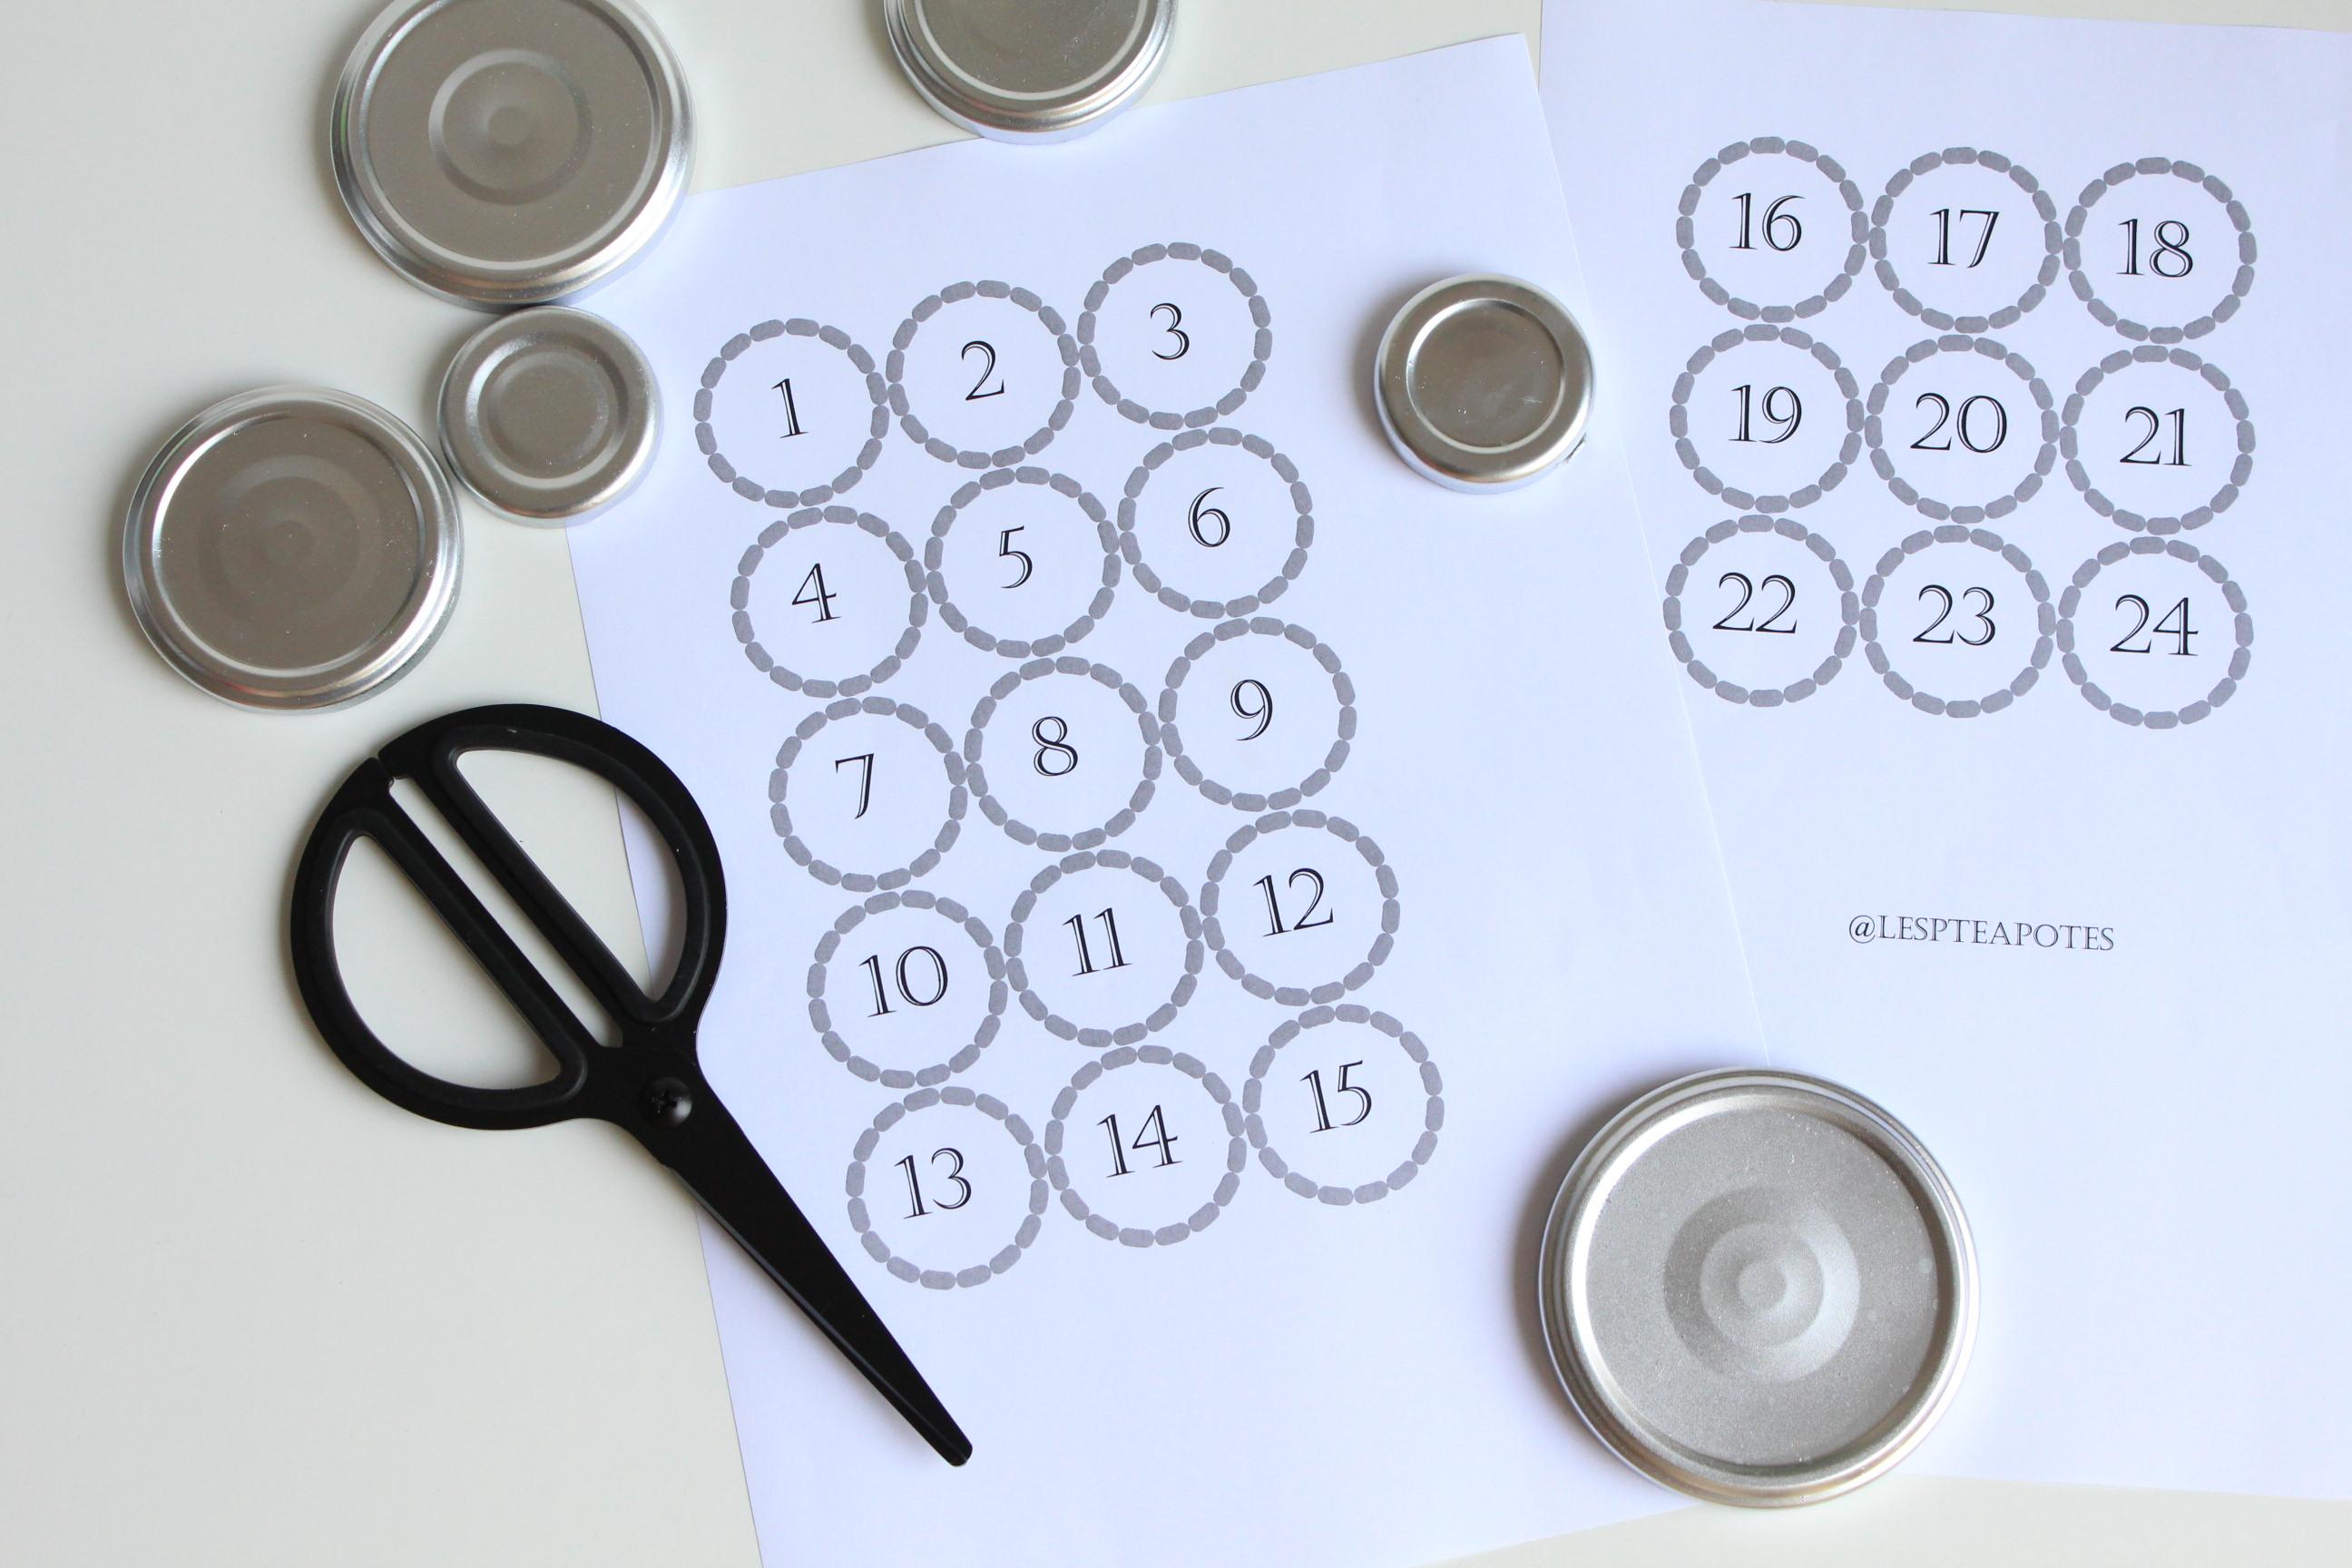 diy le calendrier de l avent avec des bocaux recycl s. Black Bedroom Furniture Sets. Home Design Ideas